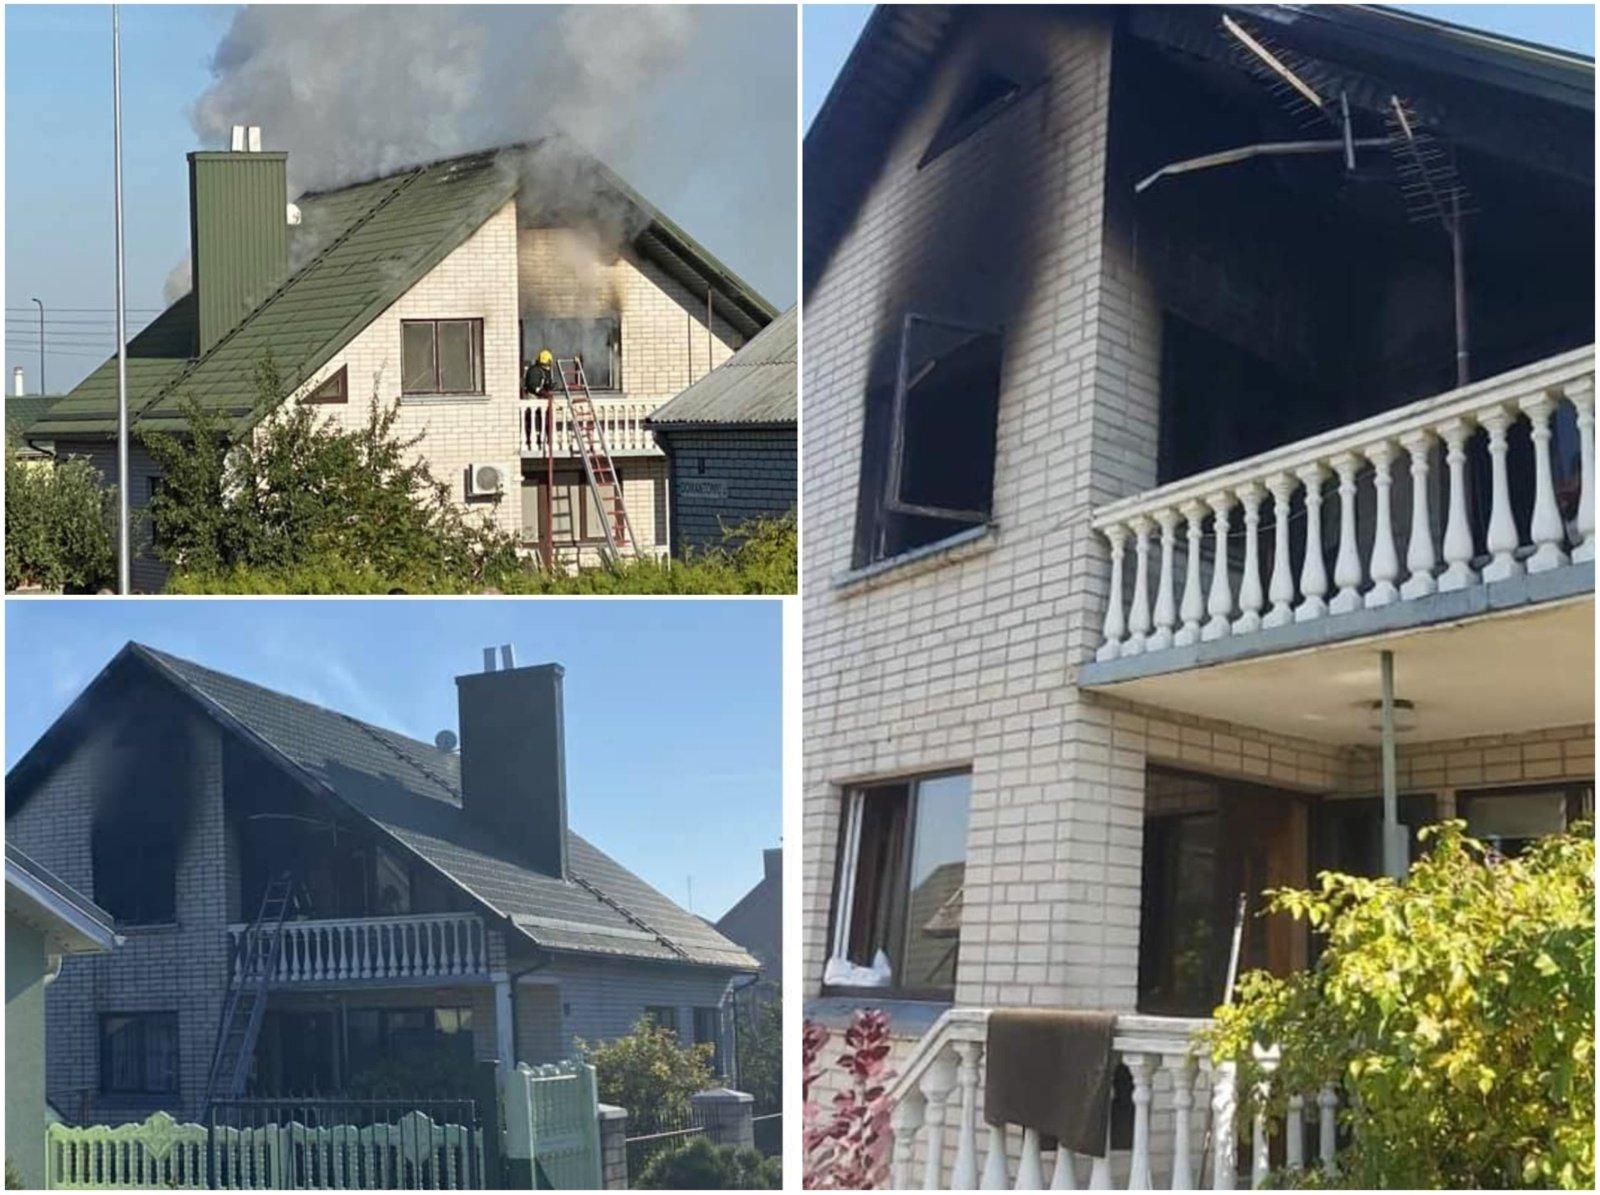 Jaunos alytiškių šeimos namuose kilo gaisras